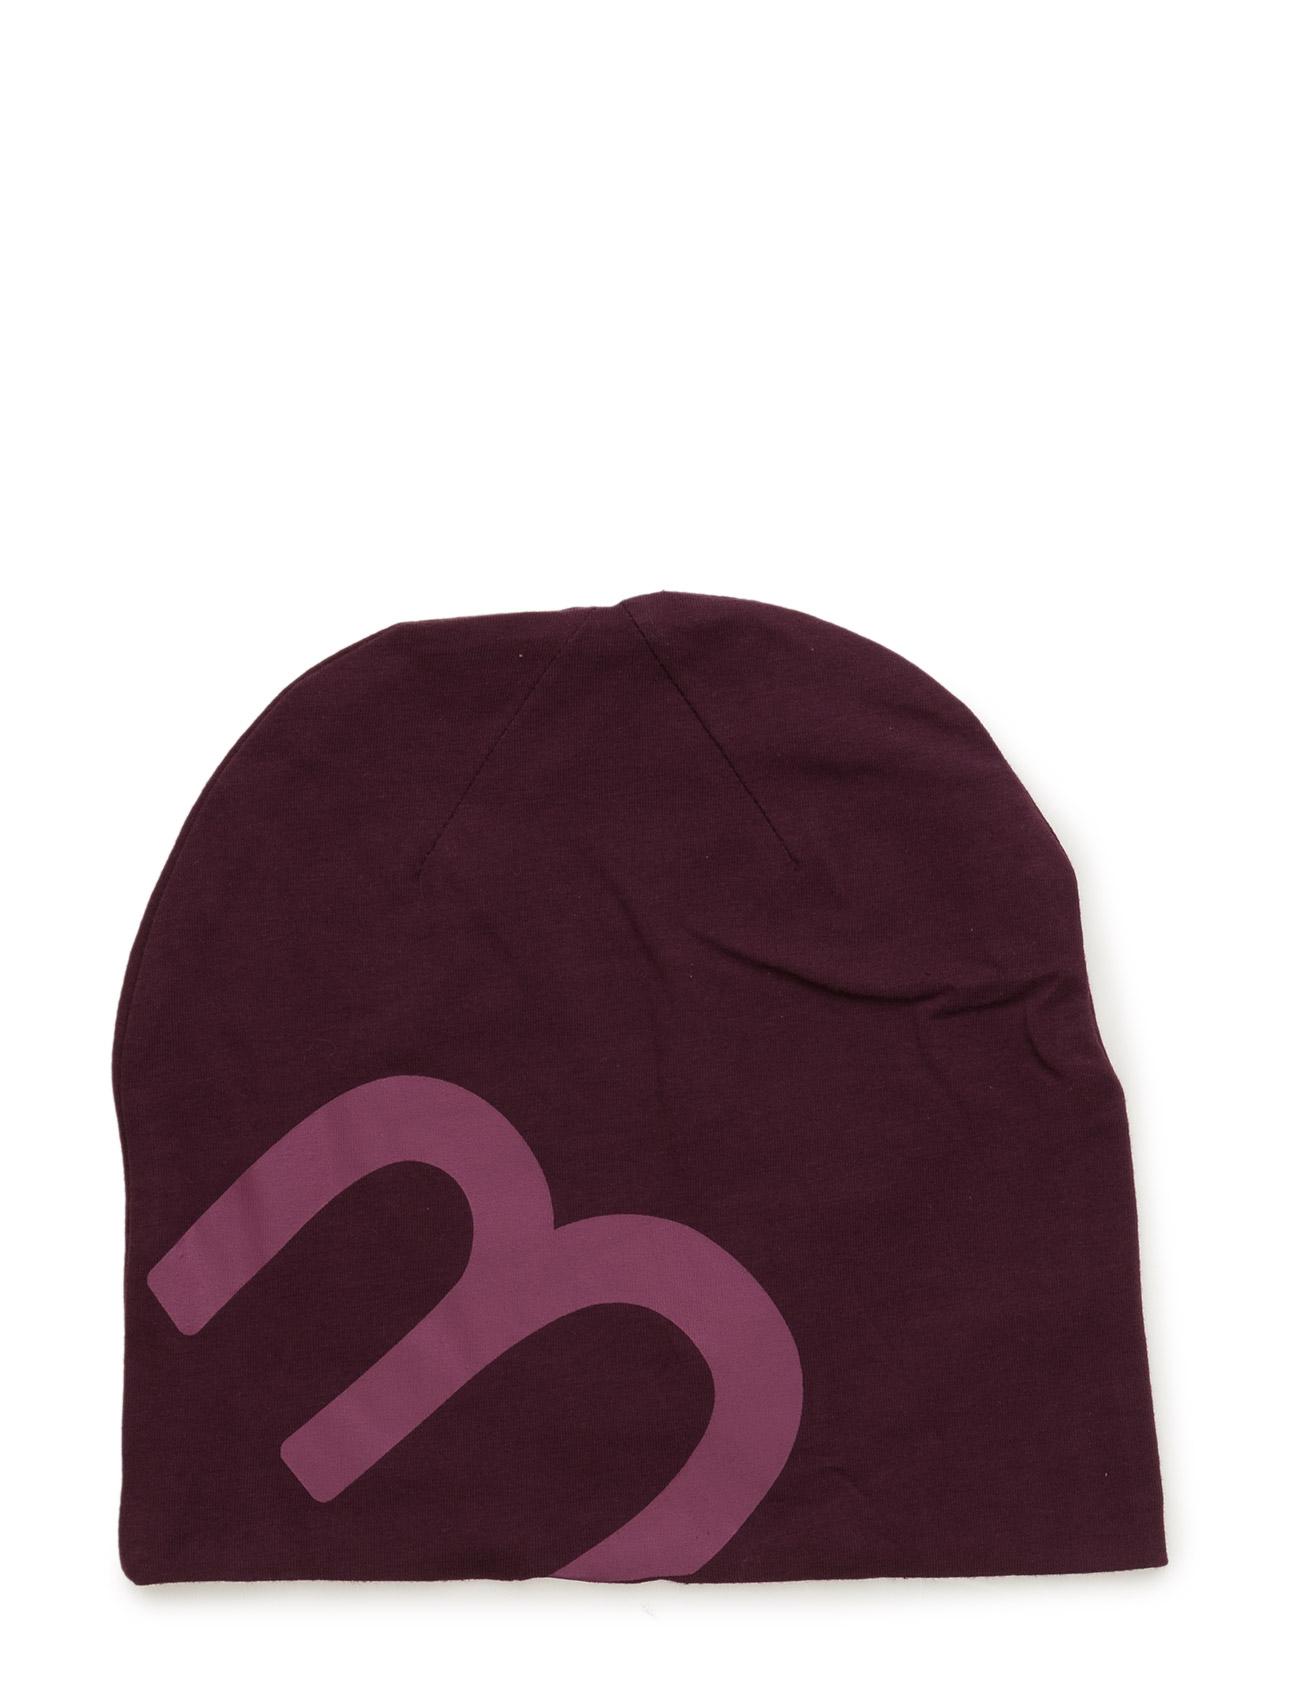 Gam 37 -Hat -Double Layer Minymo Accessories til Børn i Mørkeblå